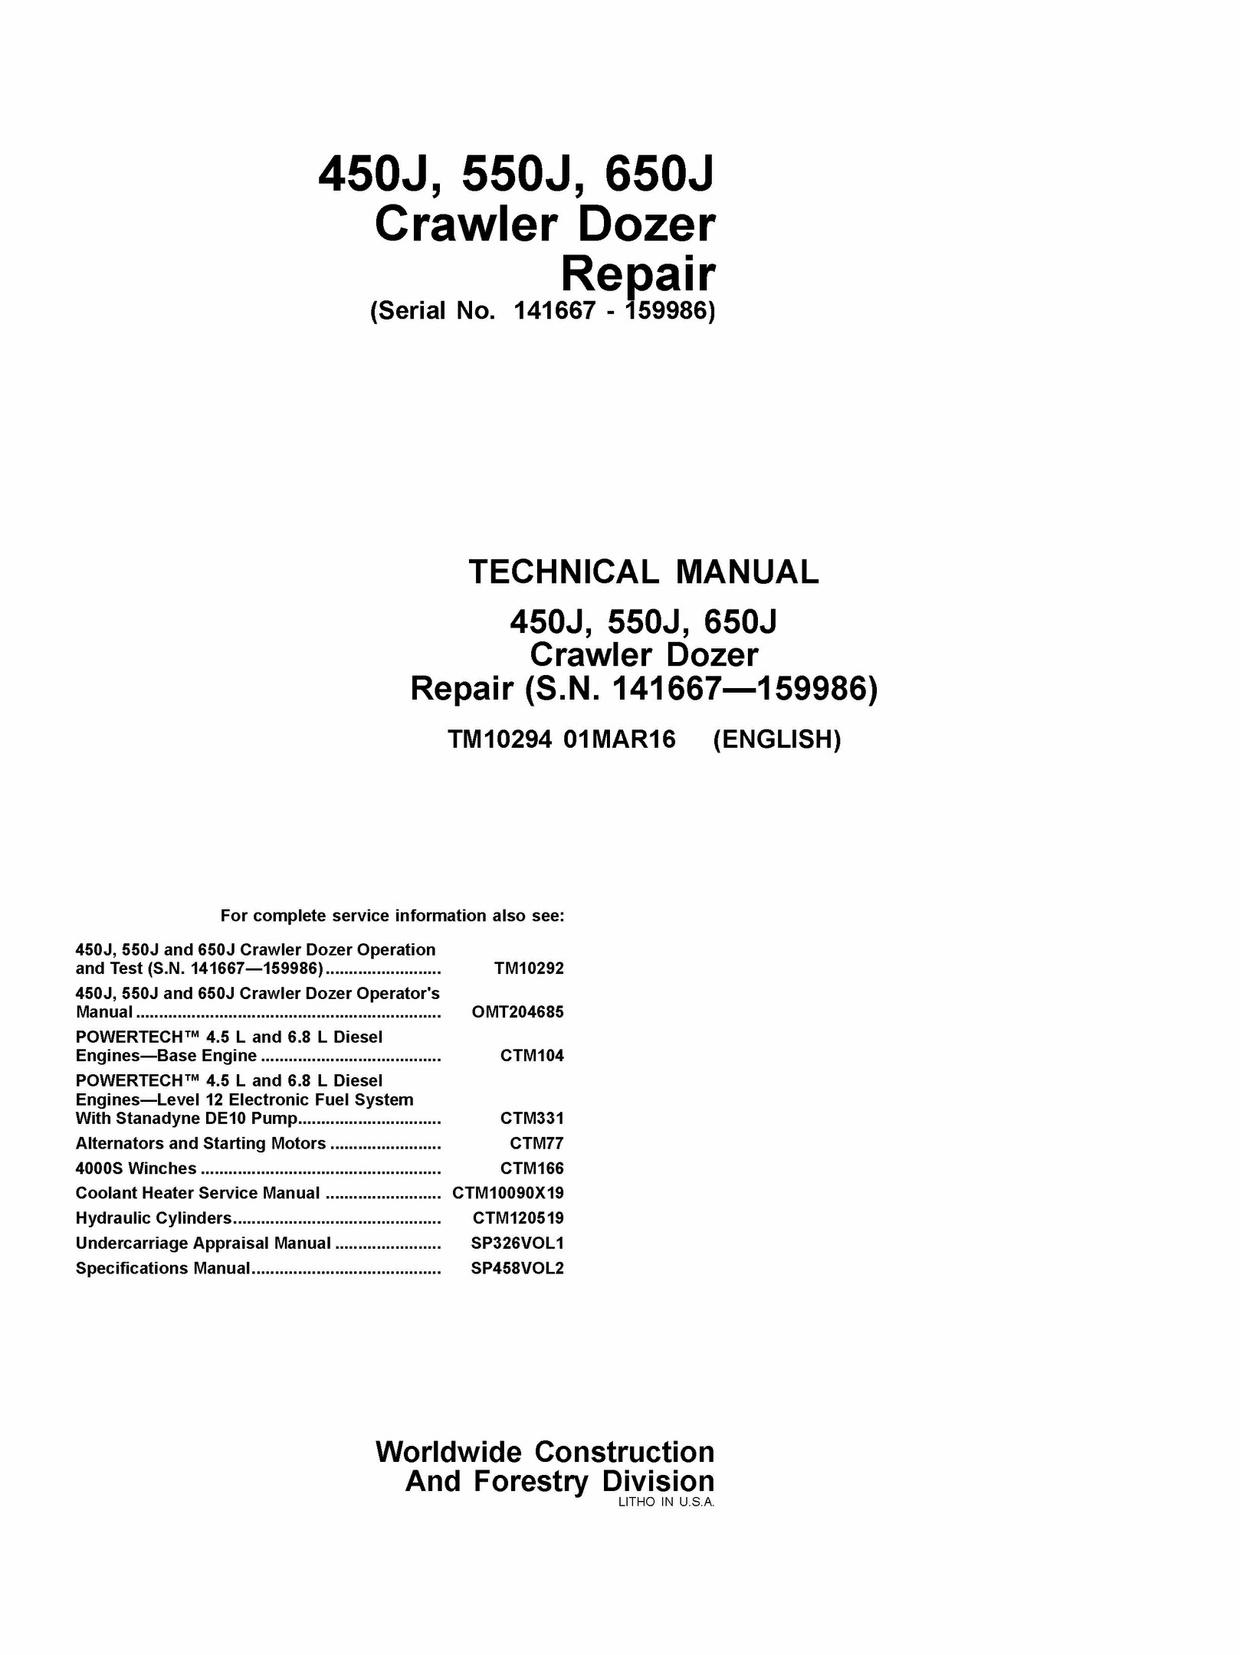 DOWNLOAD JOHN DEERE 450J 550J 650J CRAWLER DOZER REPAIR SERVICE TECHNICAL MANUAL TM1029